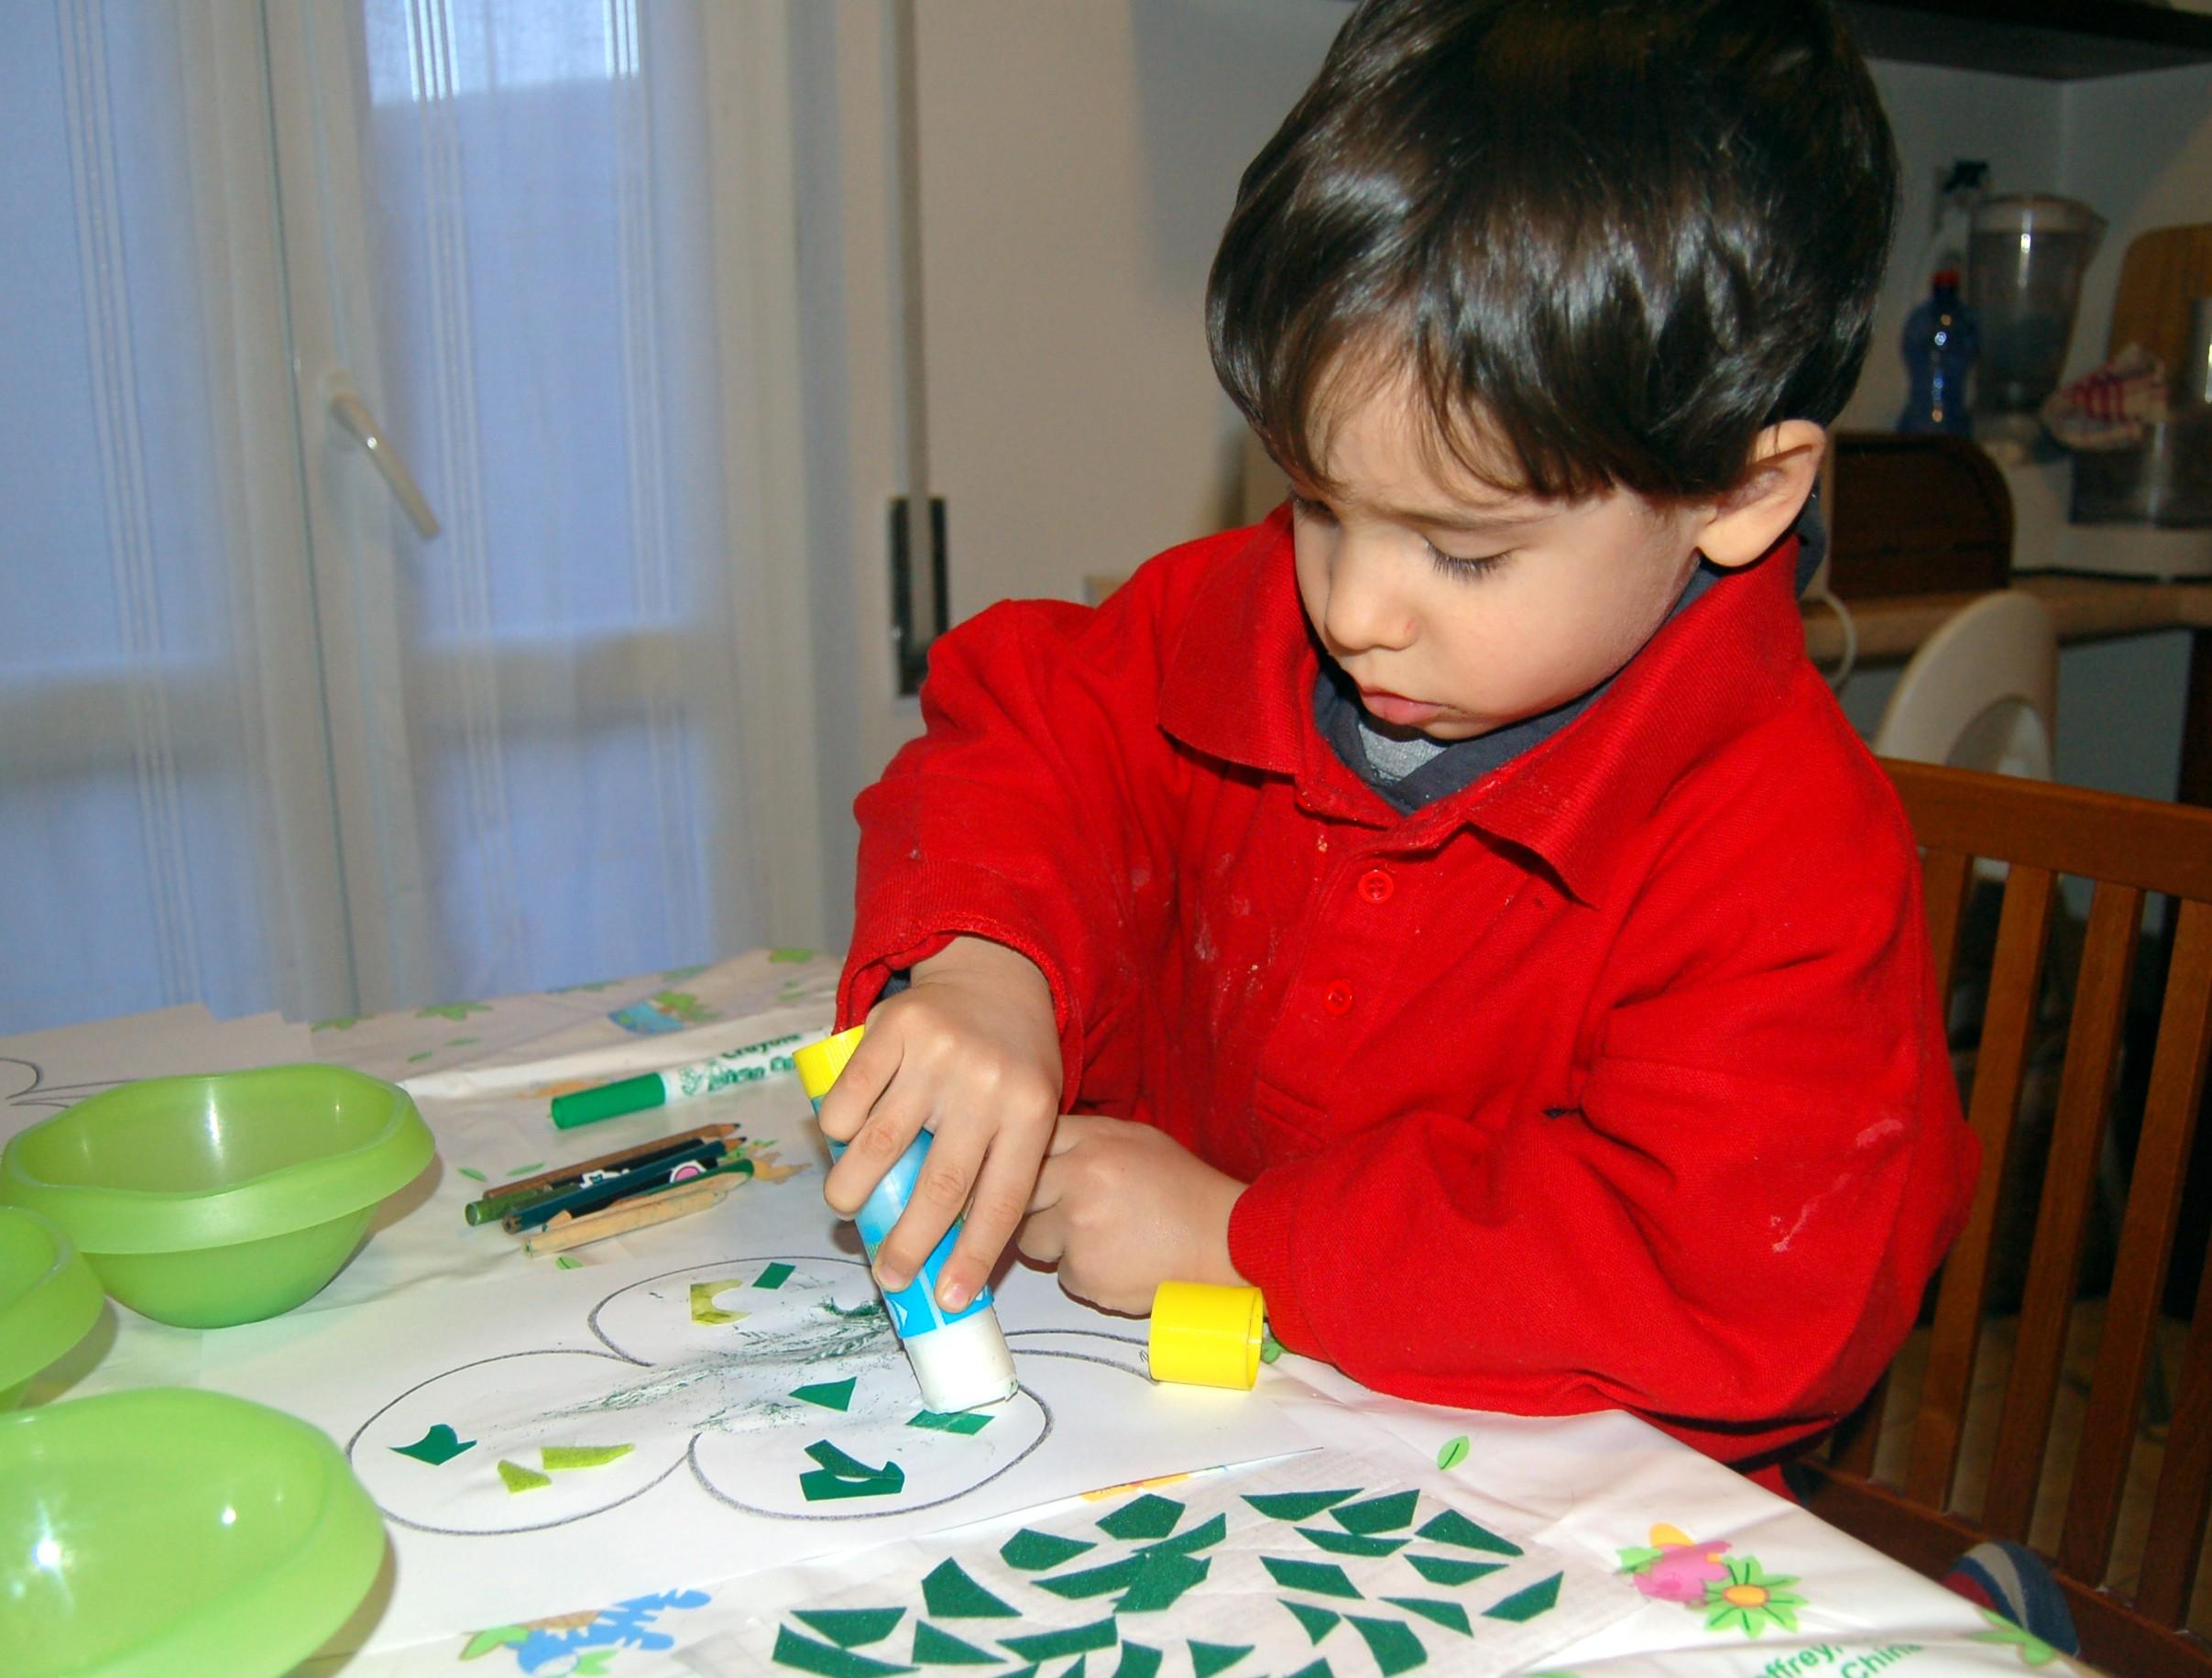 Come per celebrare il giorno di san patrizio con i bambini - San patrizio per i bambini ...